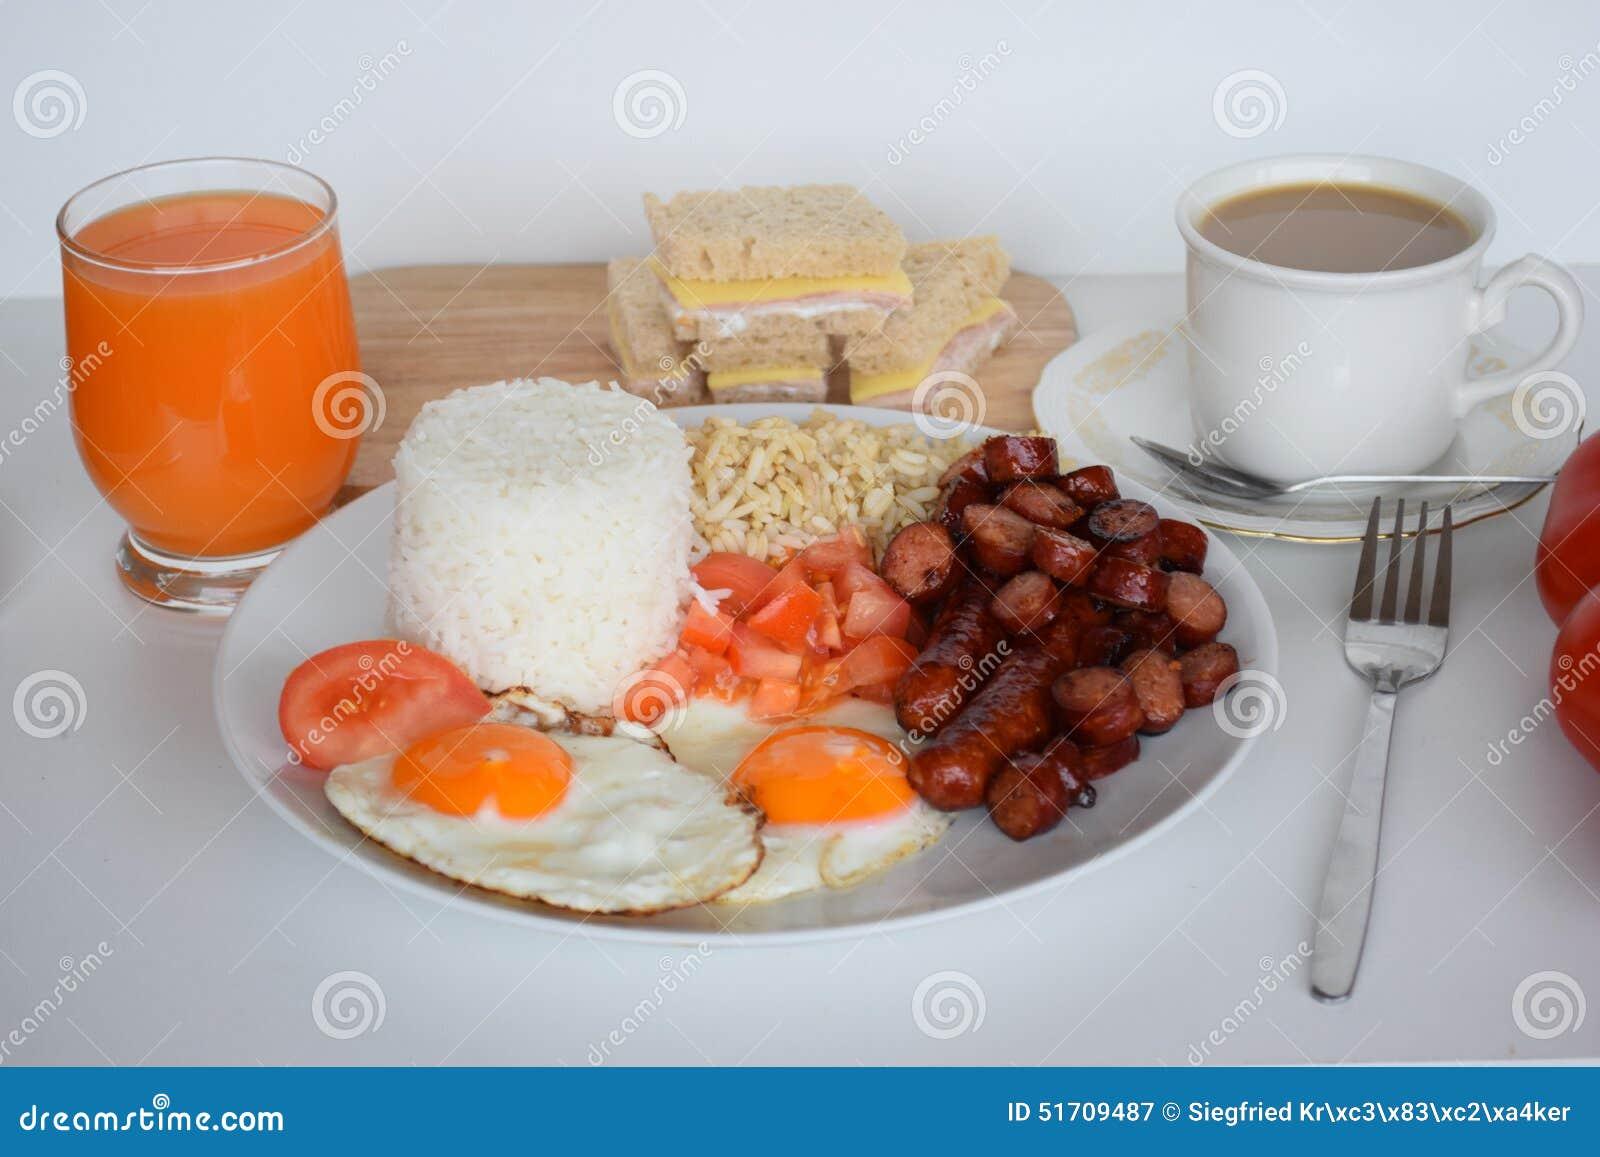 Prima colazione prima colazione semplice prima colazione for Colazione cinese